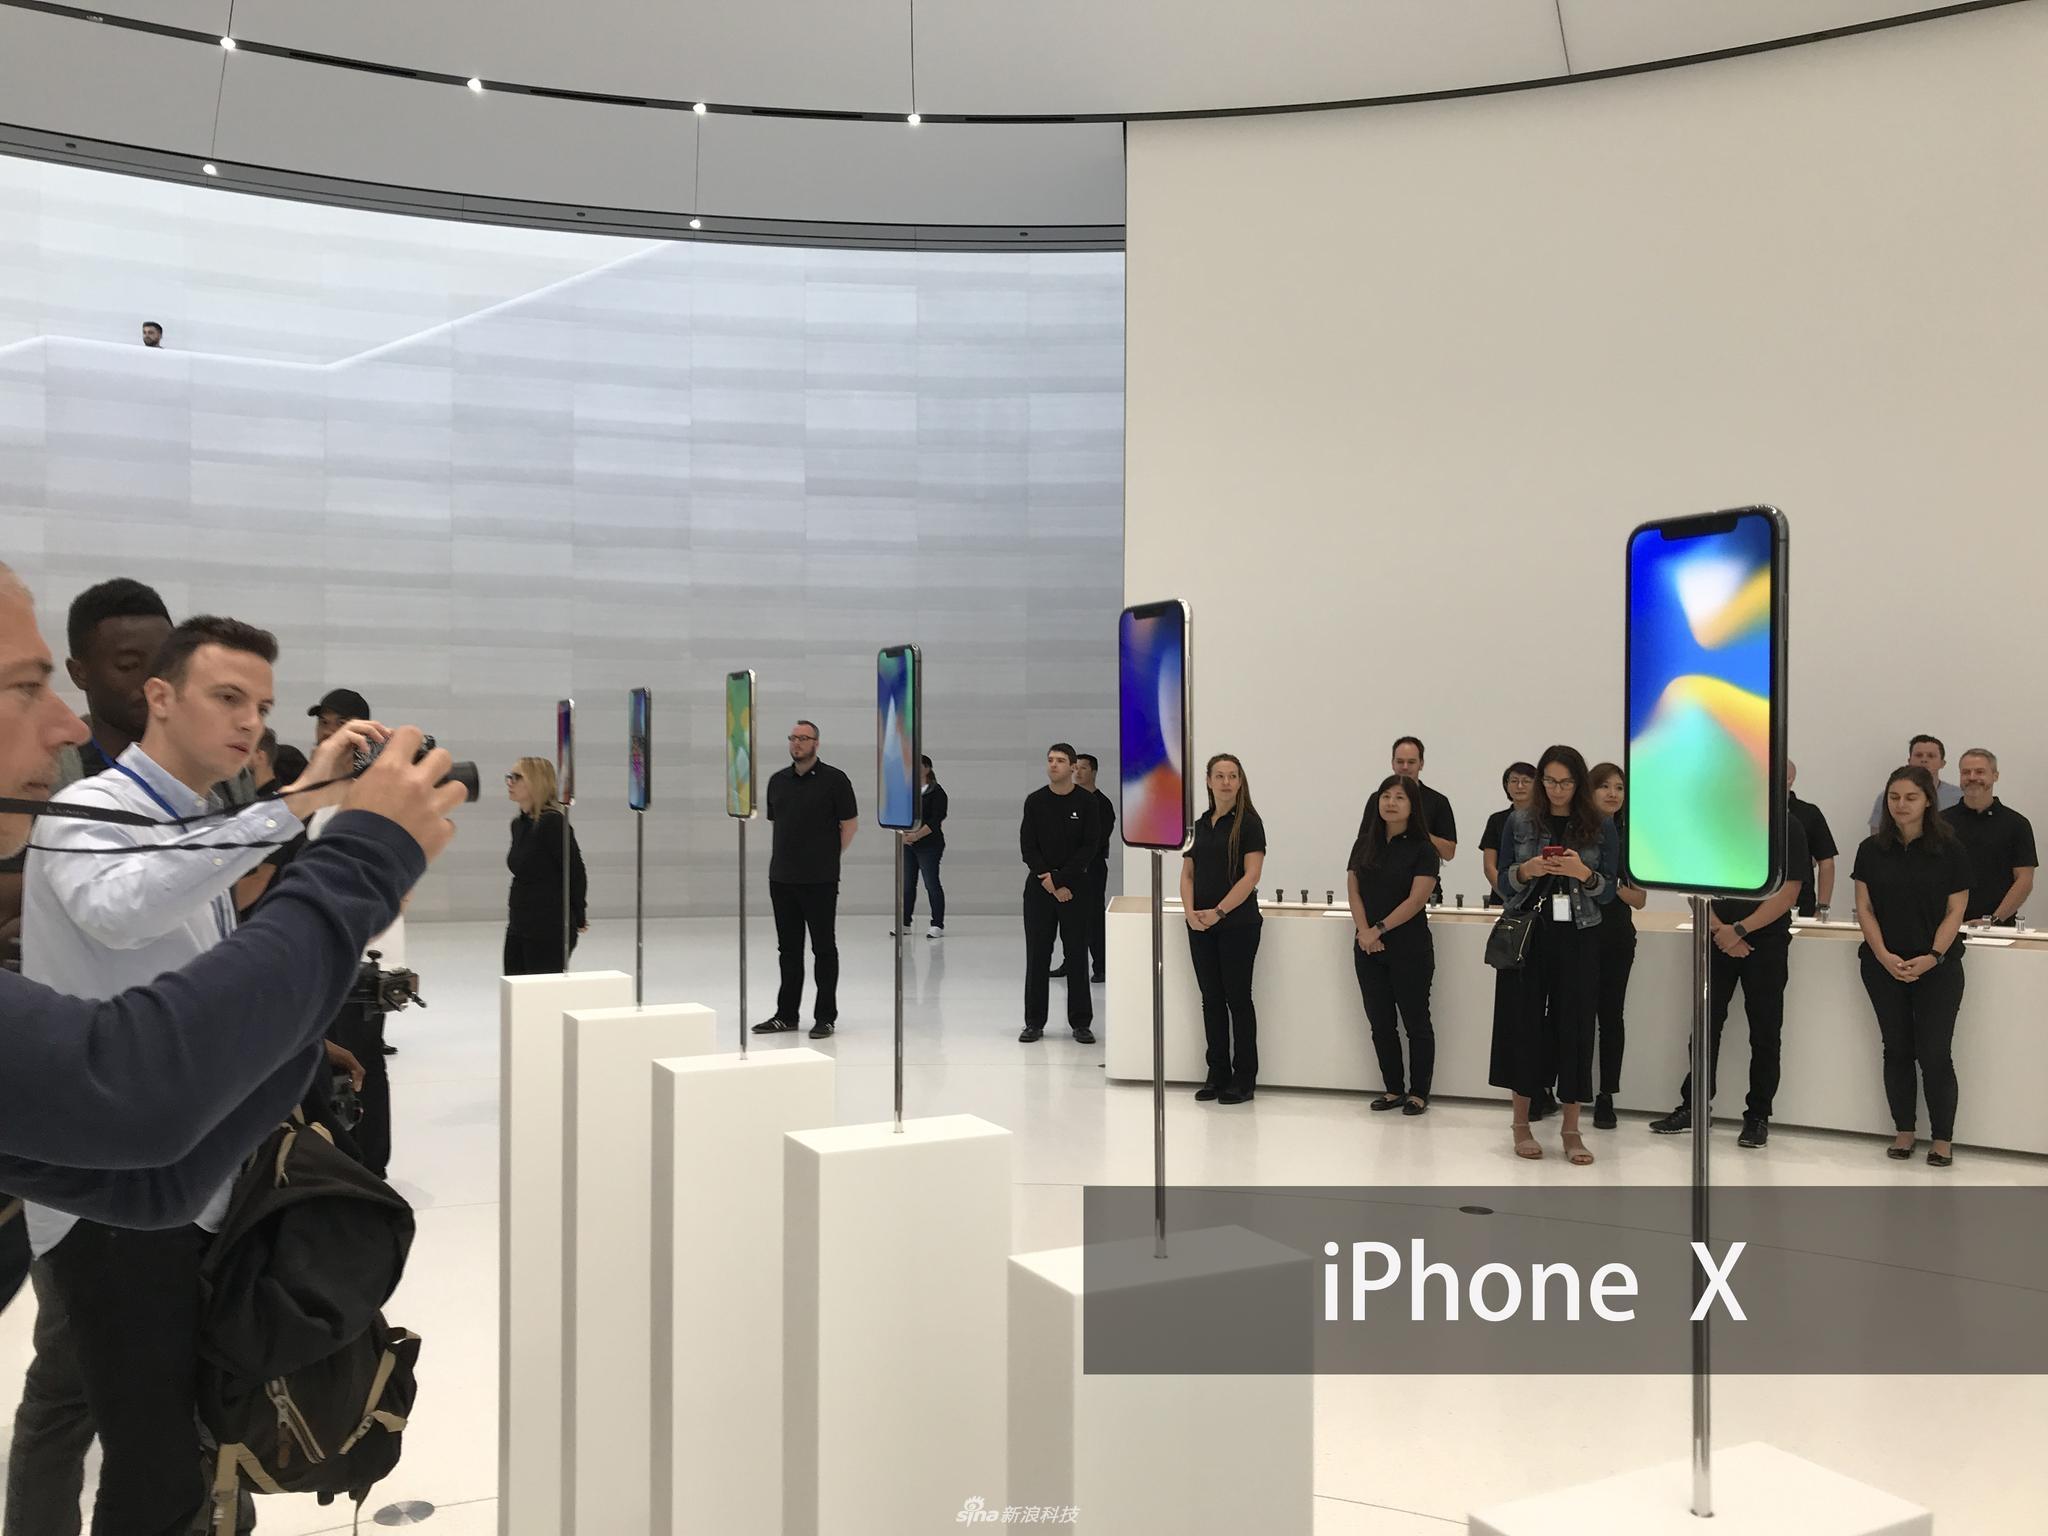 黑白正面没差别 iPhoneX真机实拍图赏(1/13)